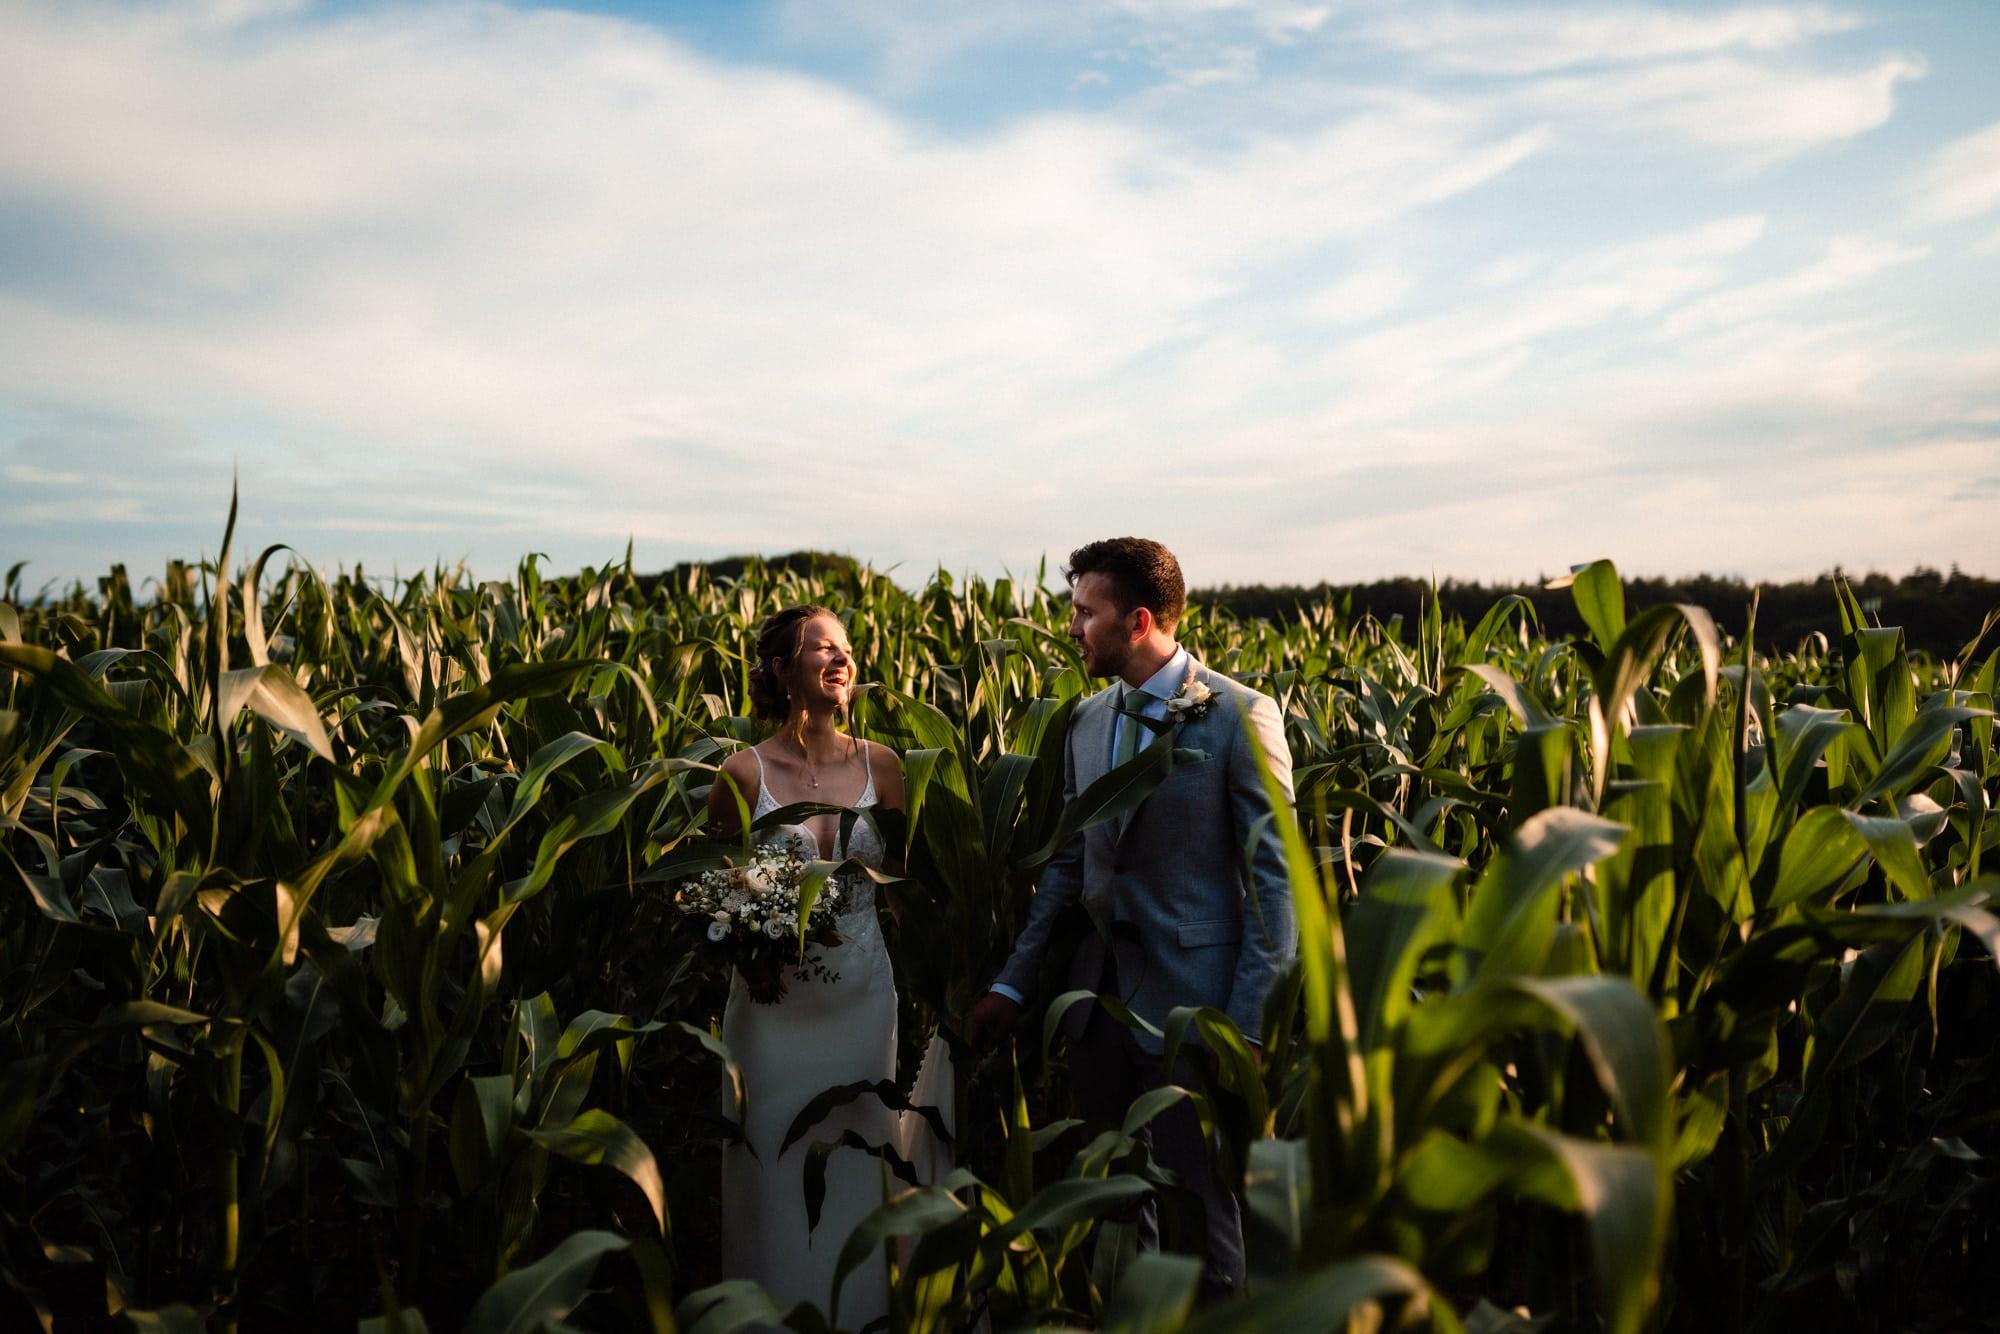 dorset wedding photography fun couple